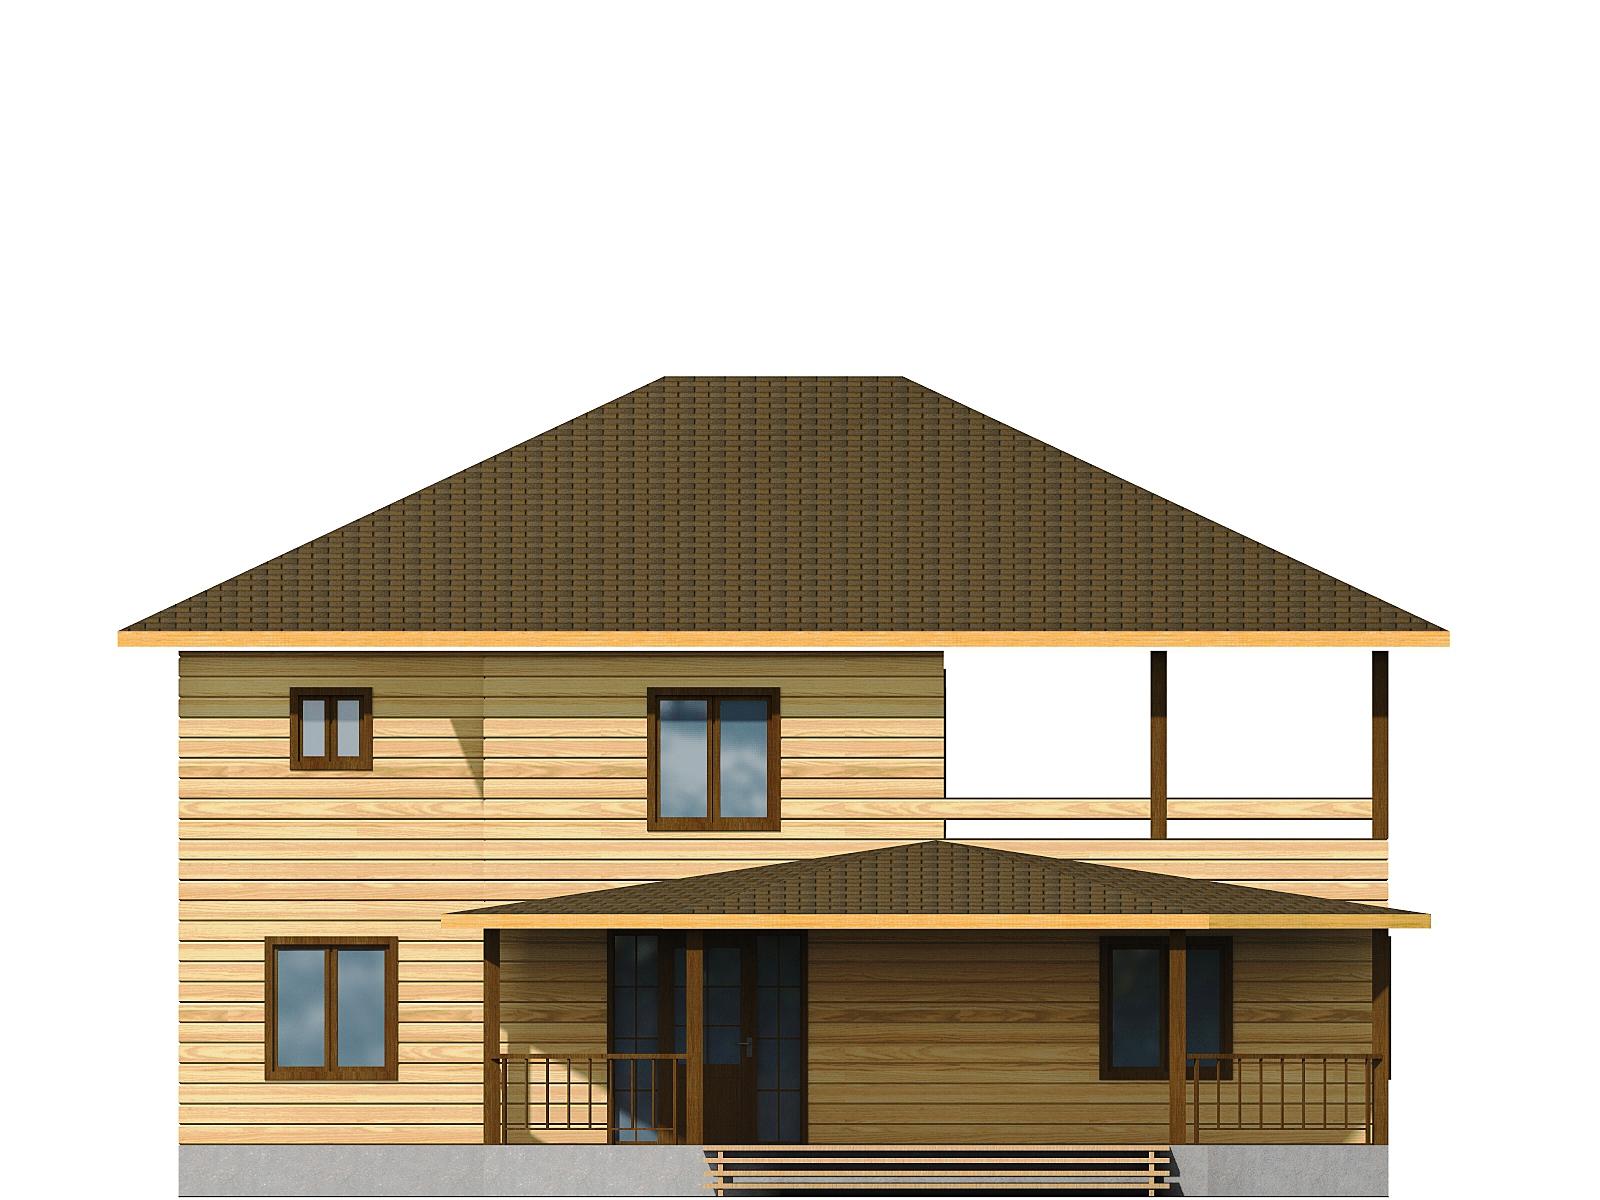 Проект дома из бруса 11х12 2 этажа с крыльцом и террасой. Разрез 1.